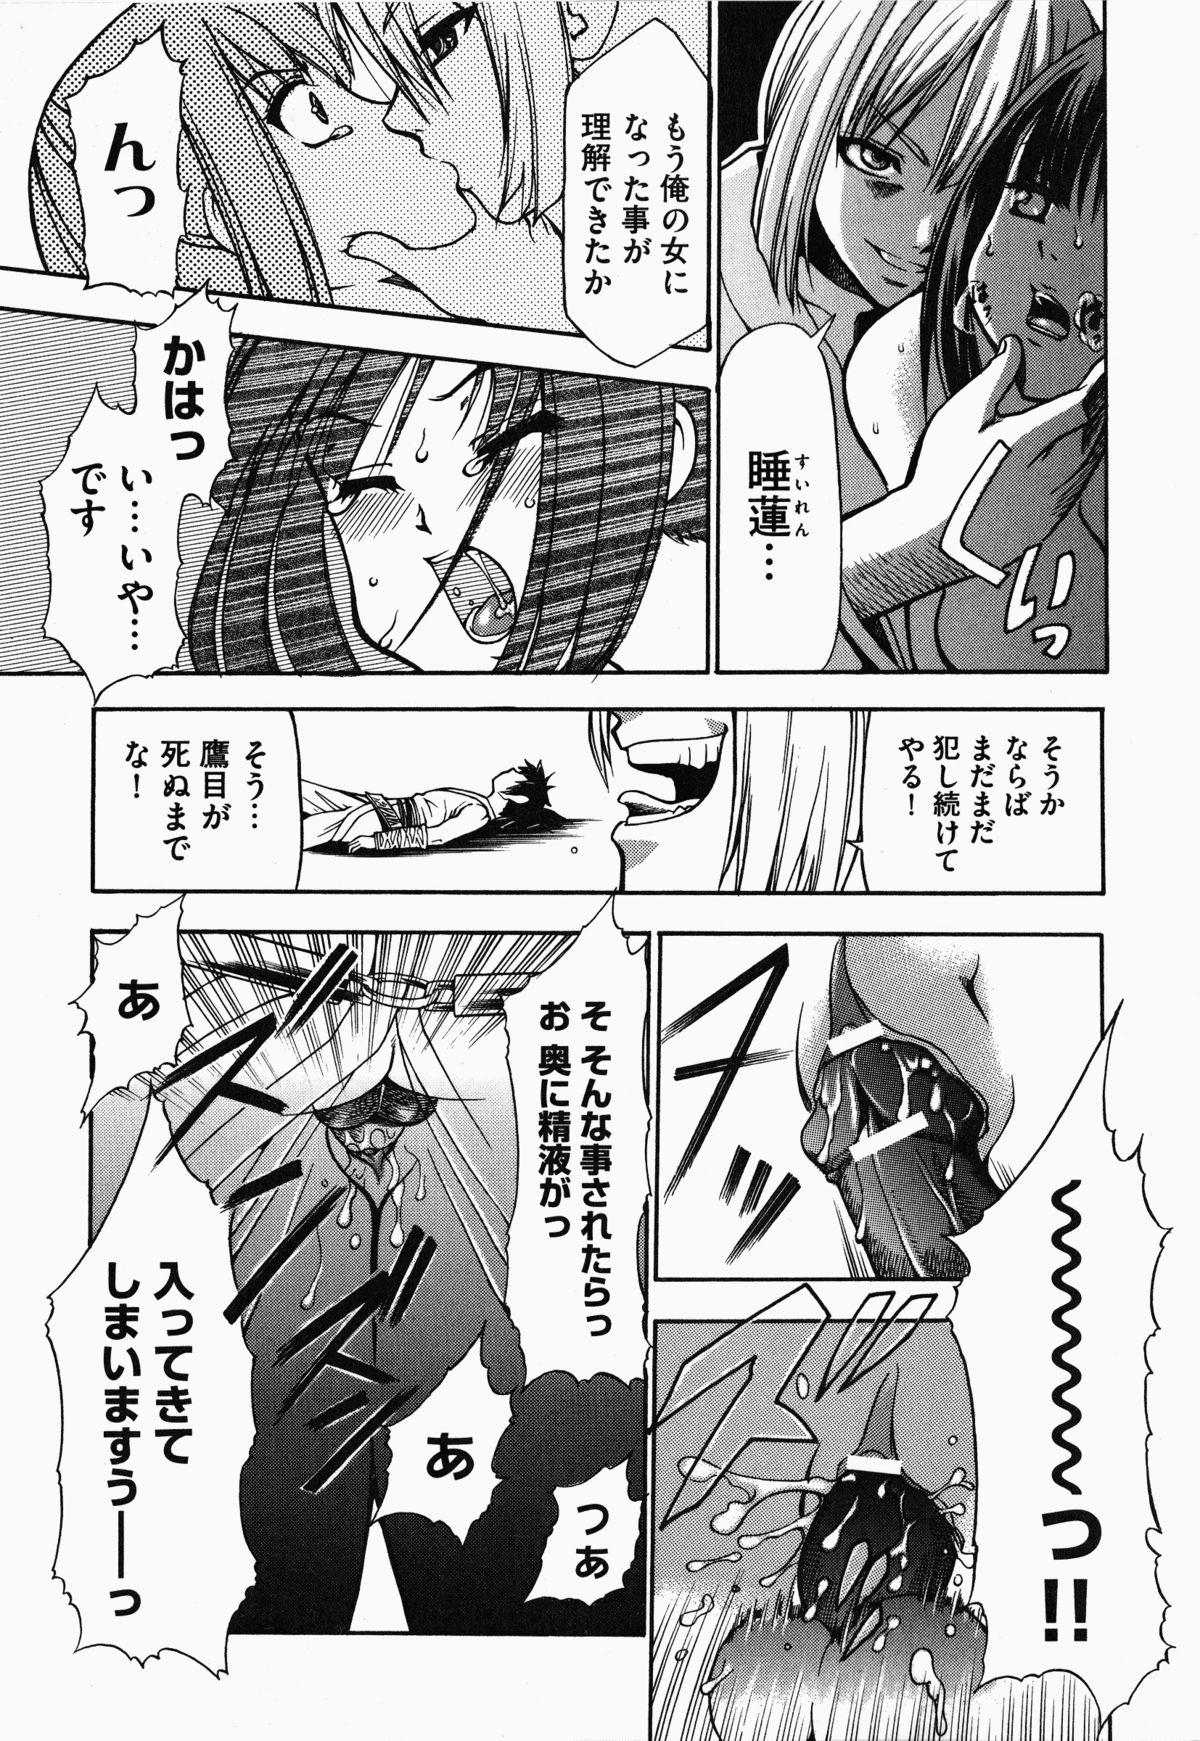 Nukenin - Hokaku, Soshite Choukyou e... 69